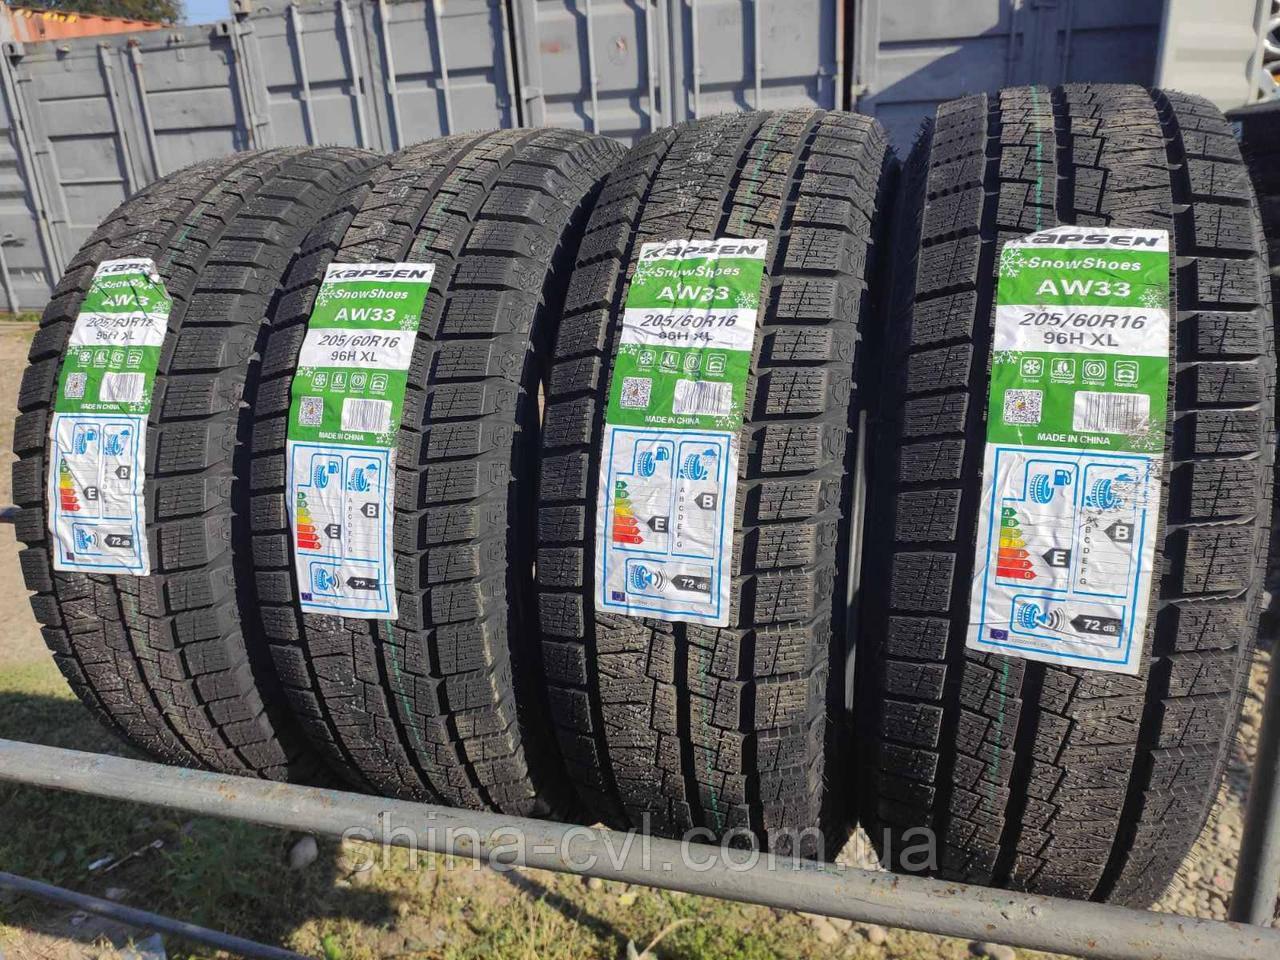 Зимові шини 205/60 R16 96H XL KAPSEN SNOWSHOES AW33